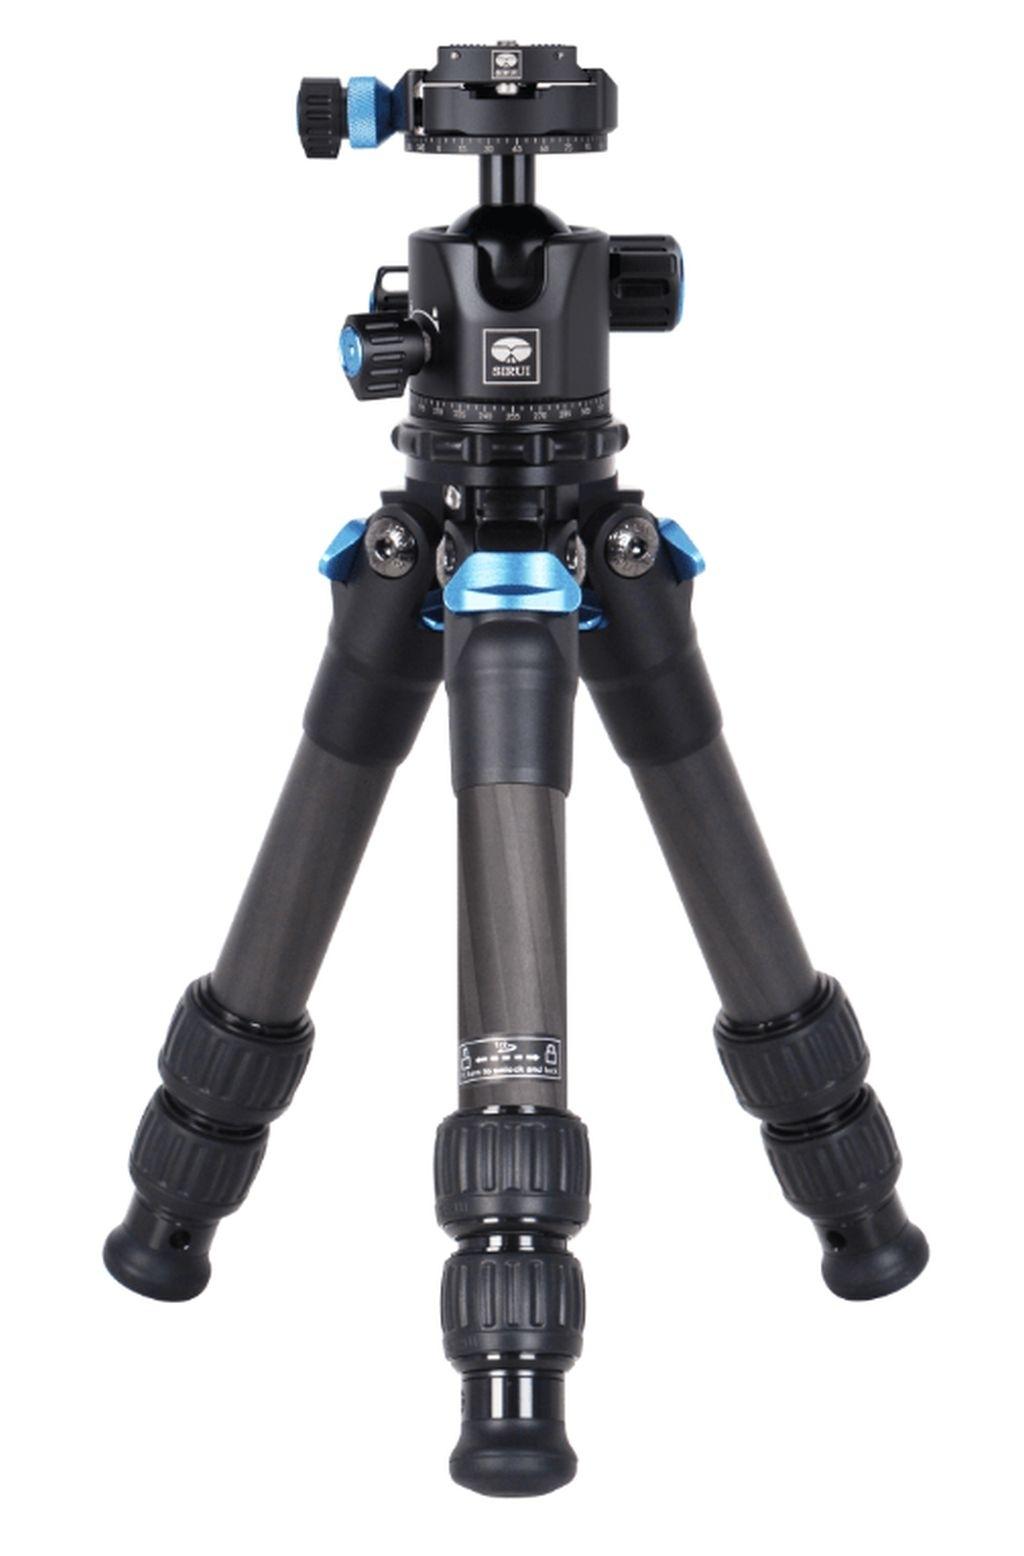 Sirui Compact XS Powerzwerg Dreibeinstativ Carbon mit Kugelkopf ST-10X